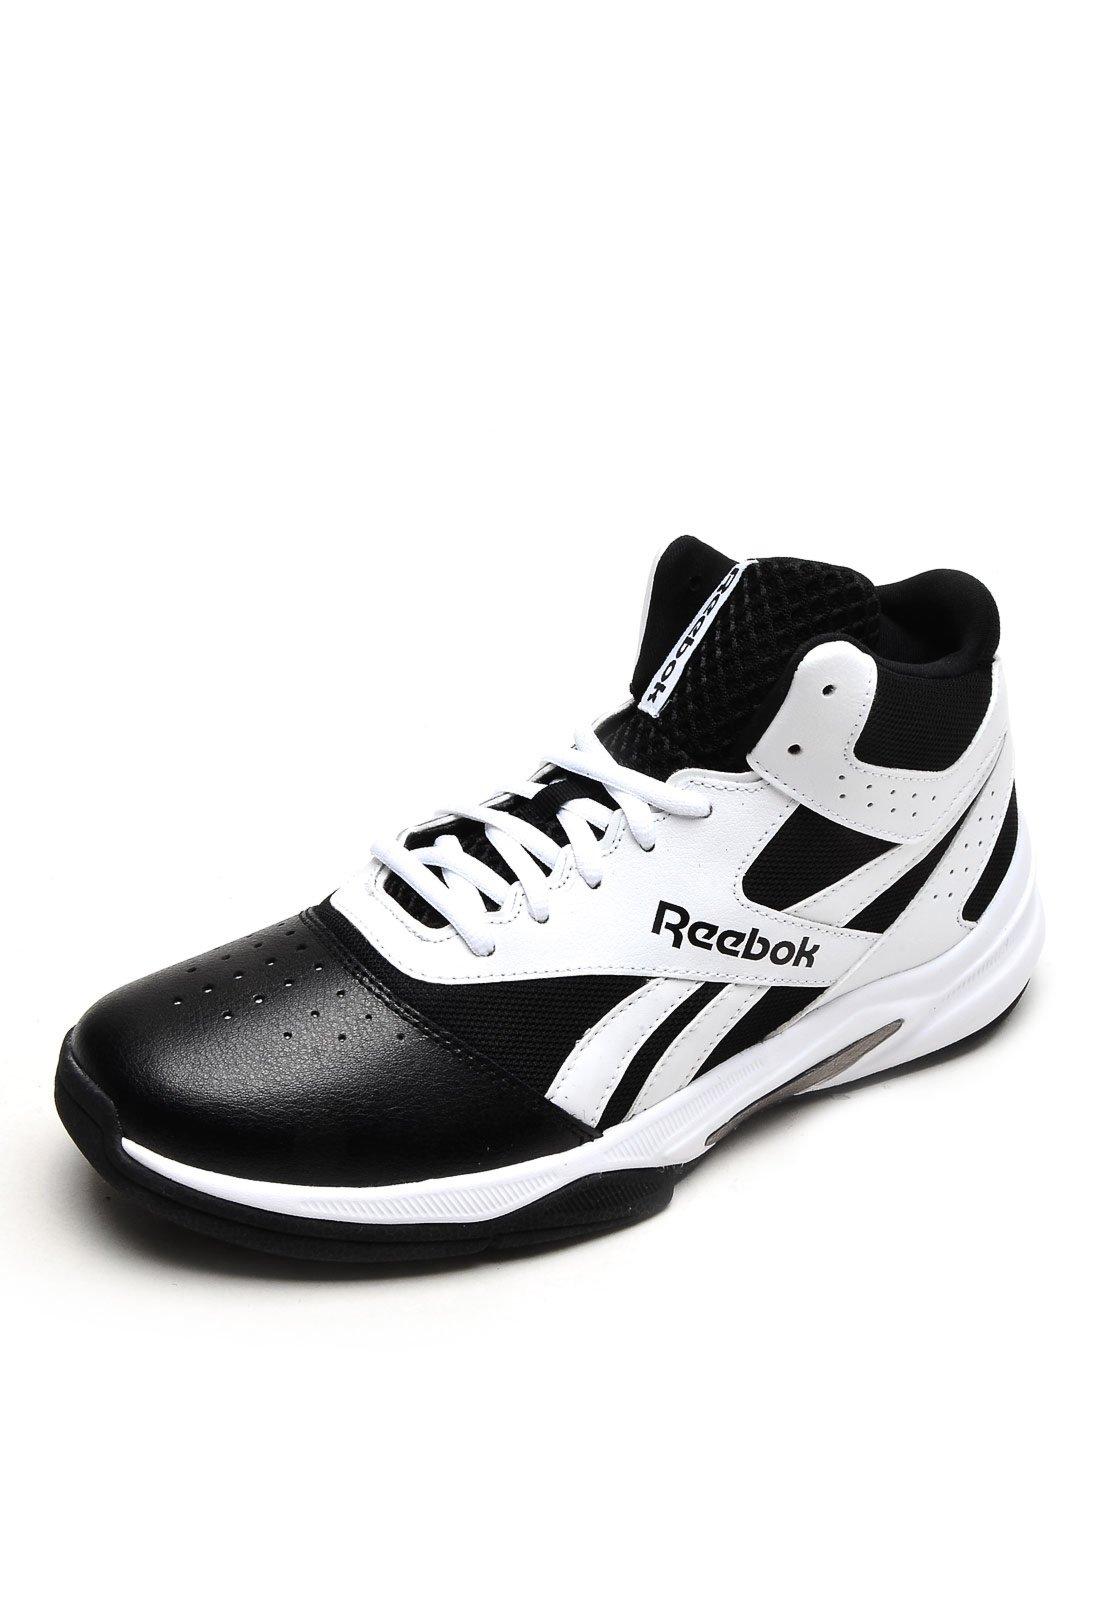 reebok classic preto e branco